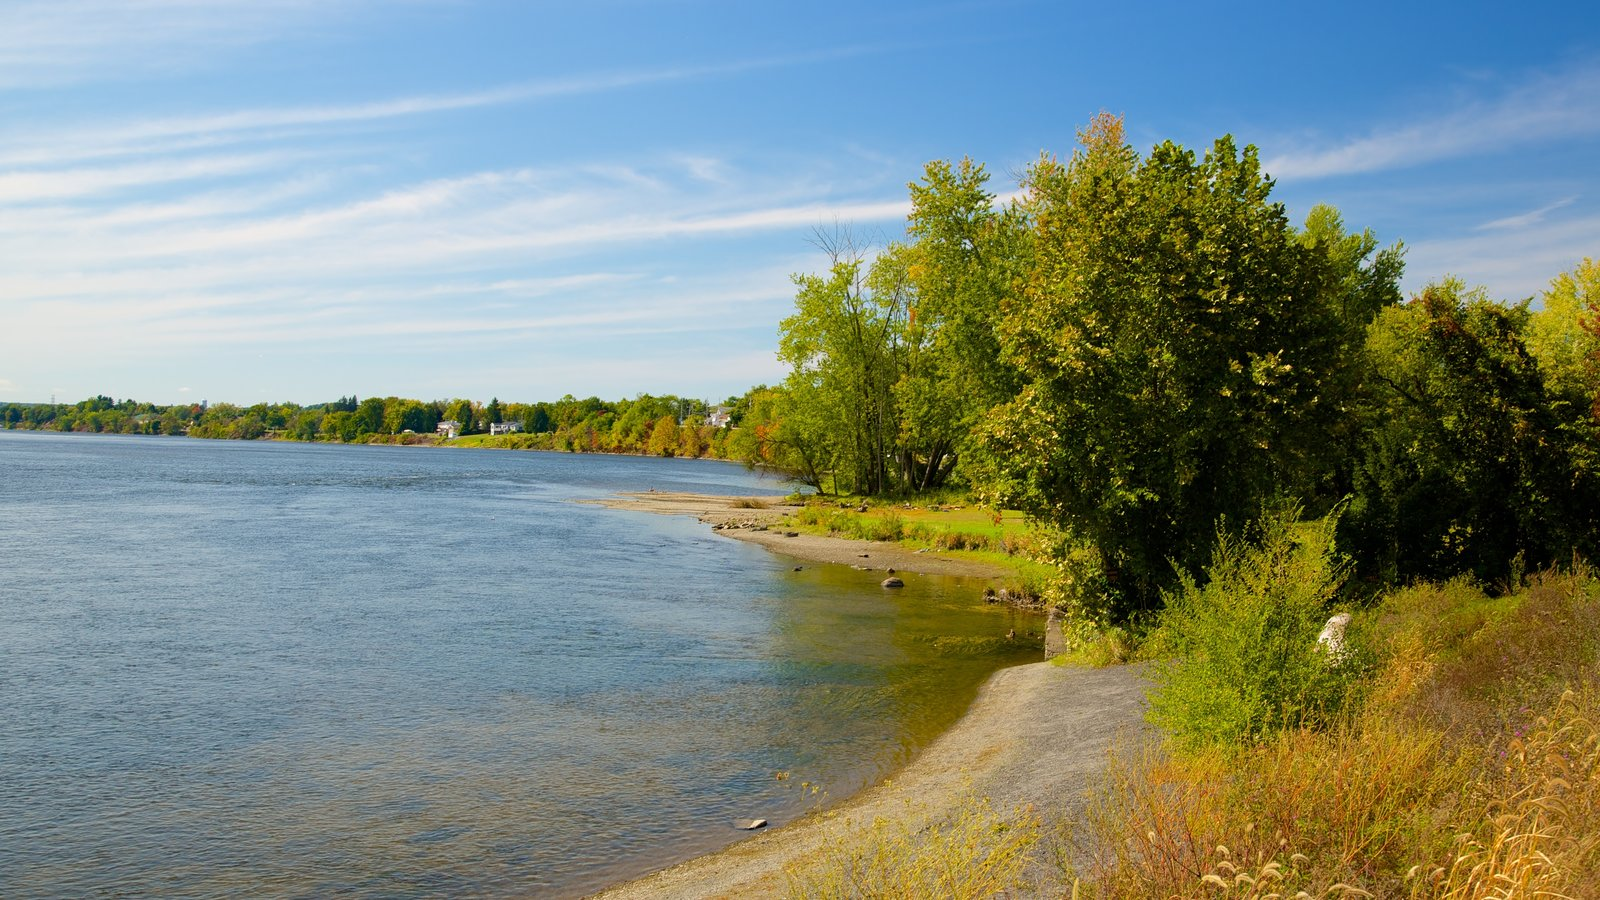 Stillwater que incluye escenas tranquilas y un lago o abrevadero